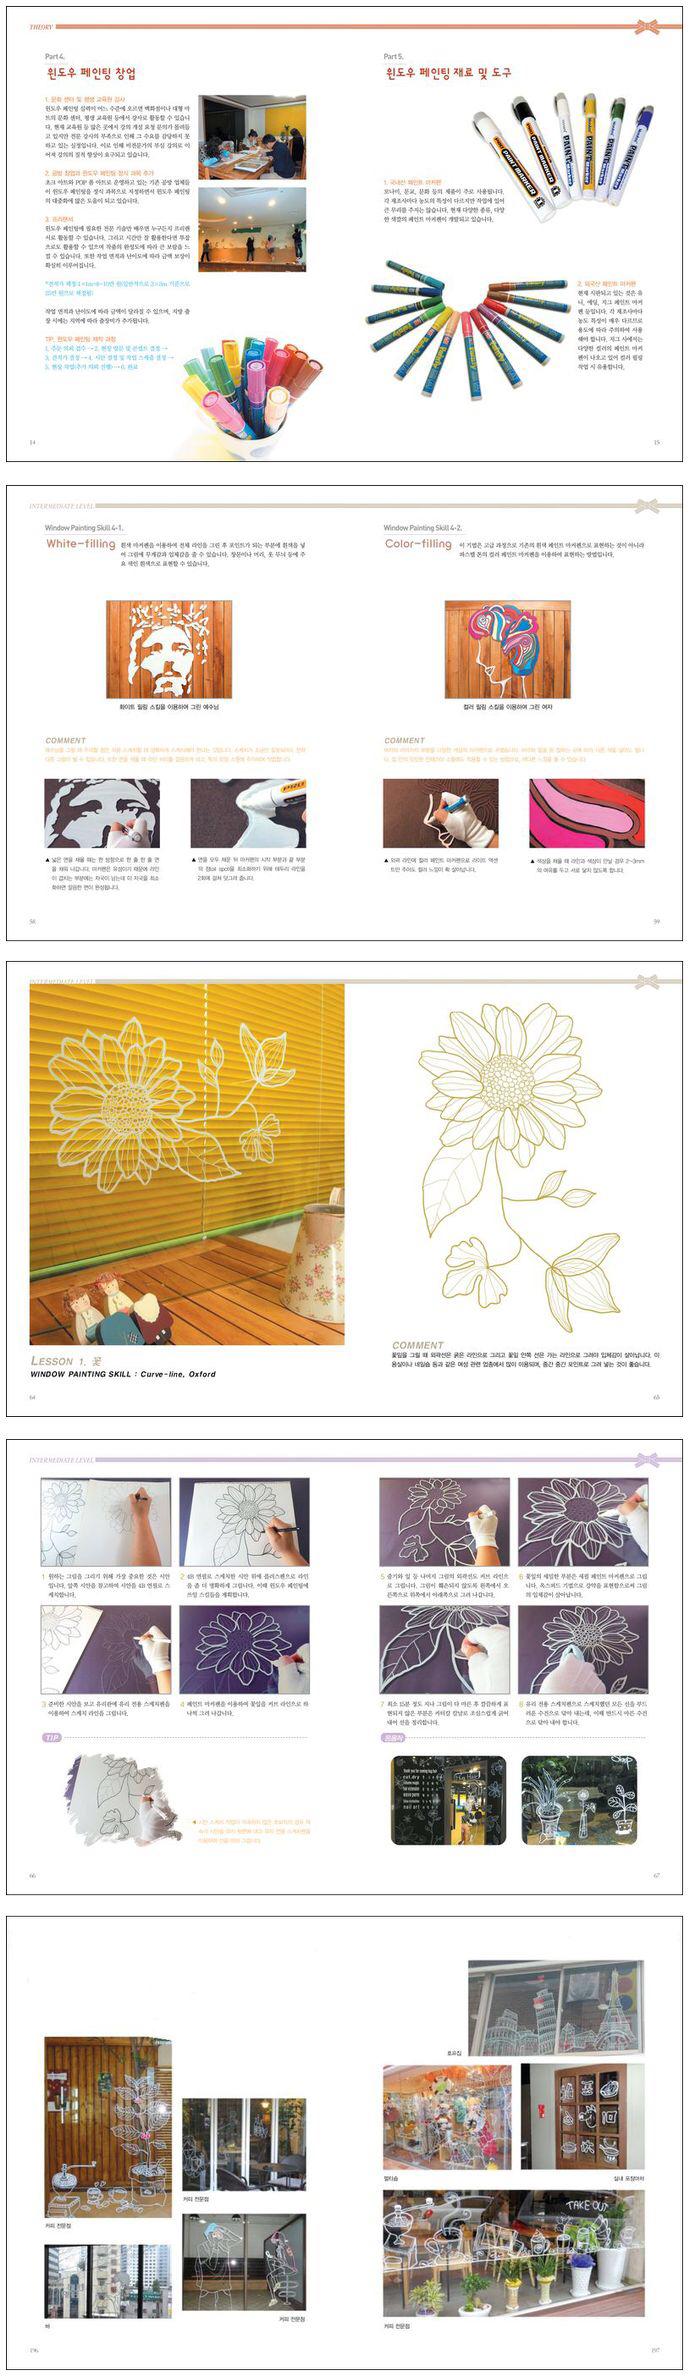 이미지 출처 http://image.kyobobook.co.kr/images/book/illustrate/381/i9788972233381.jpg